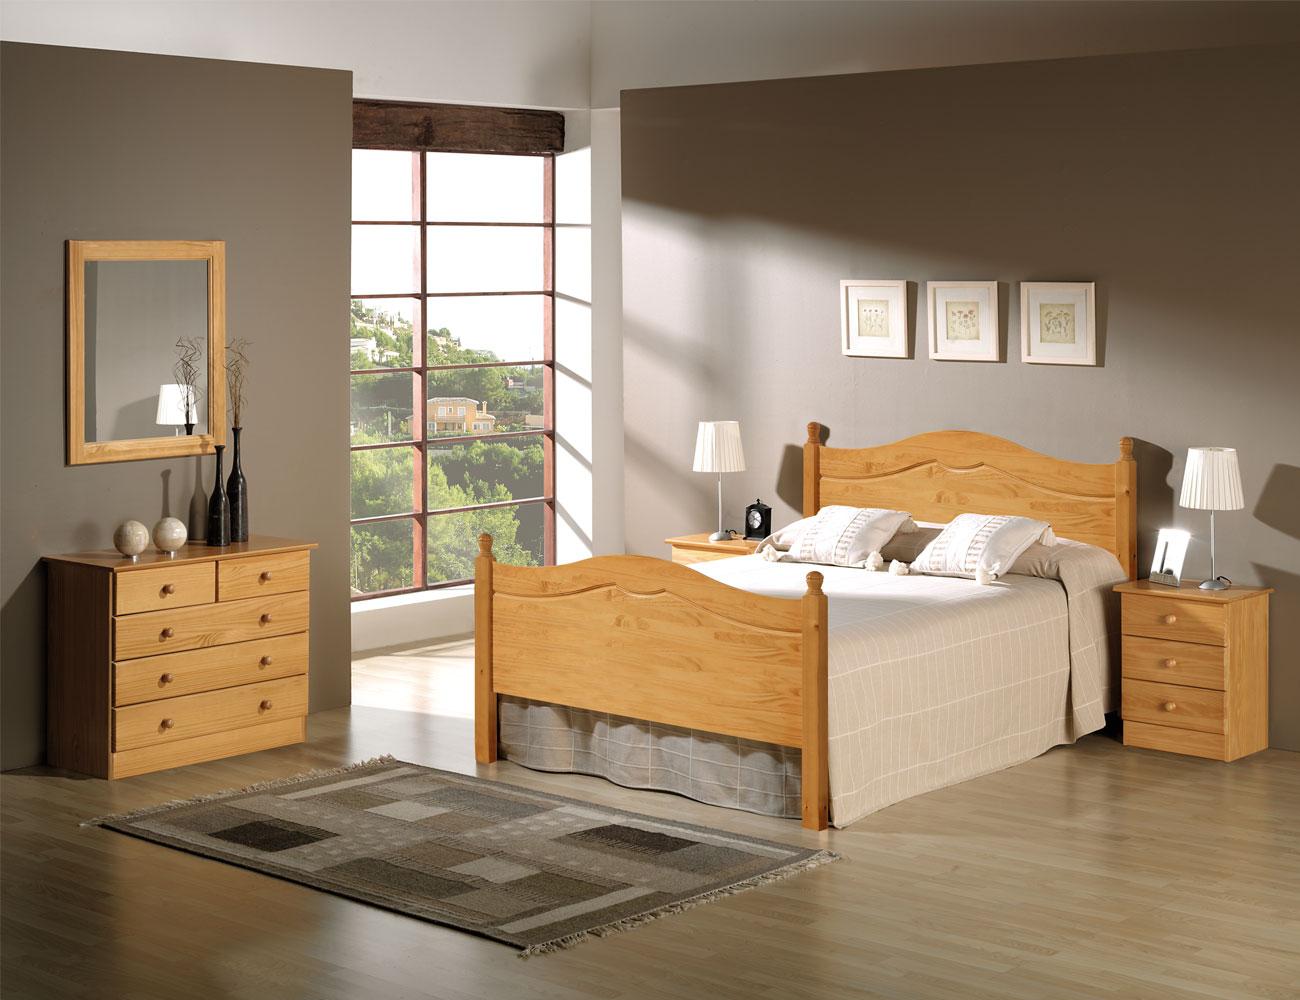 Armario 3 puertas en madera y en color miel 8077 for Muebles de pino color miel